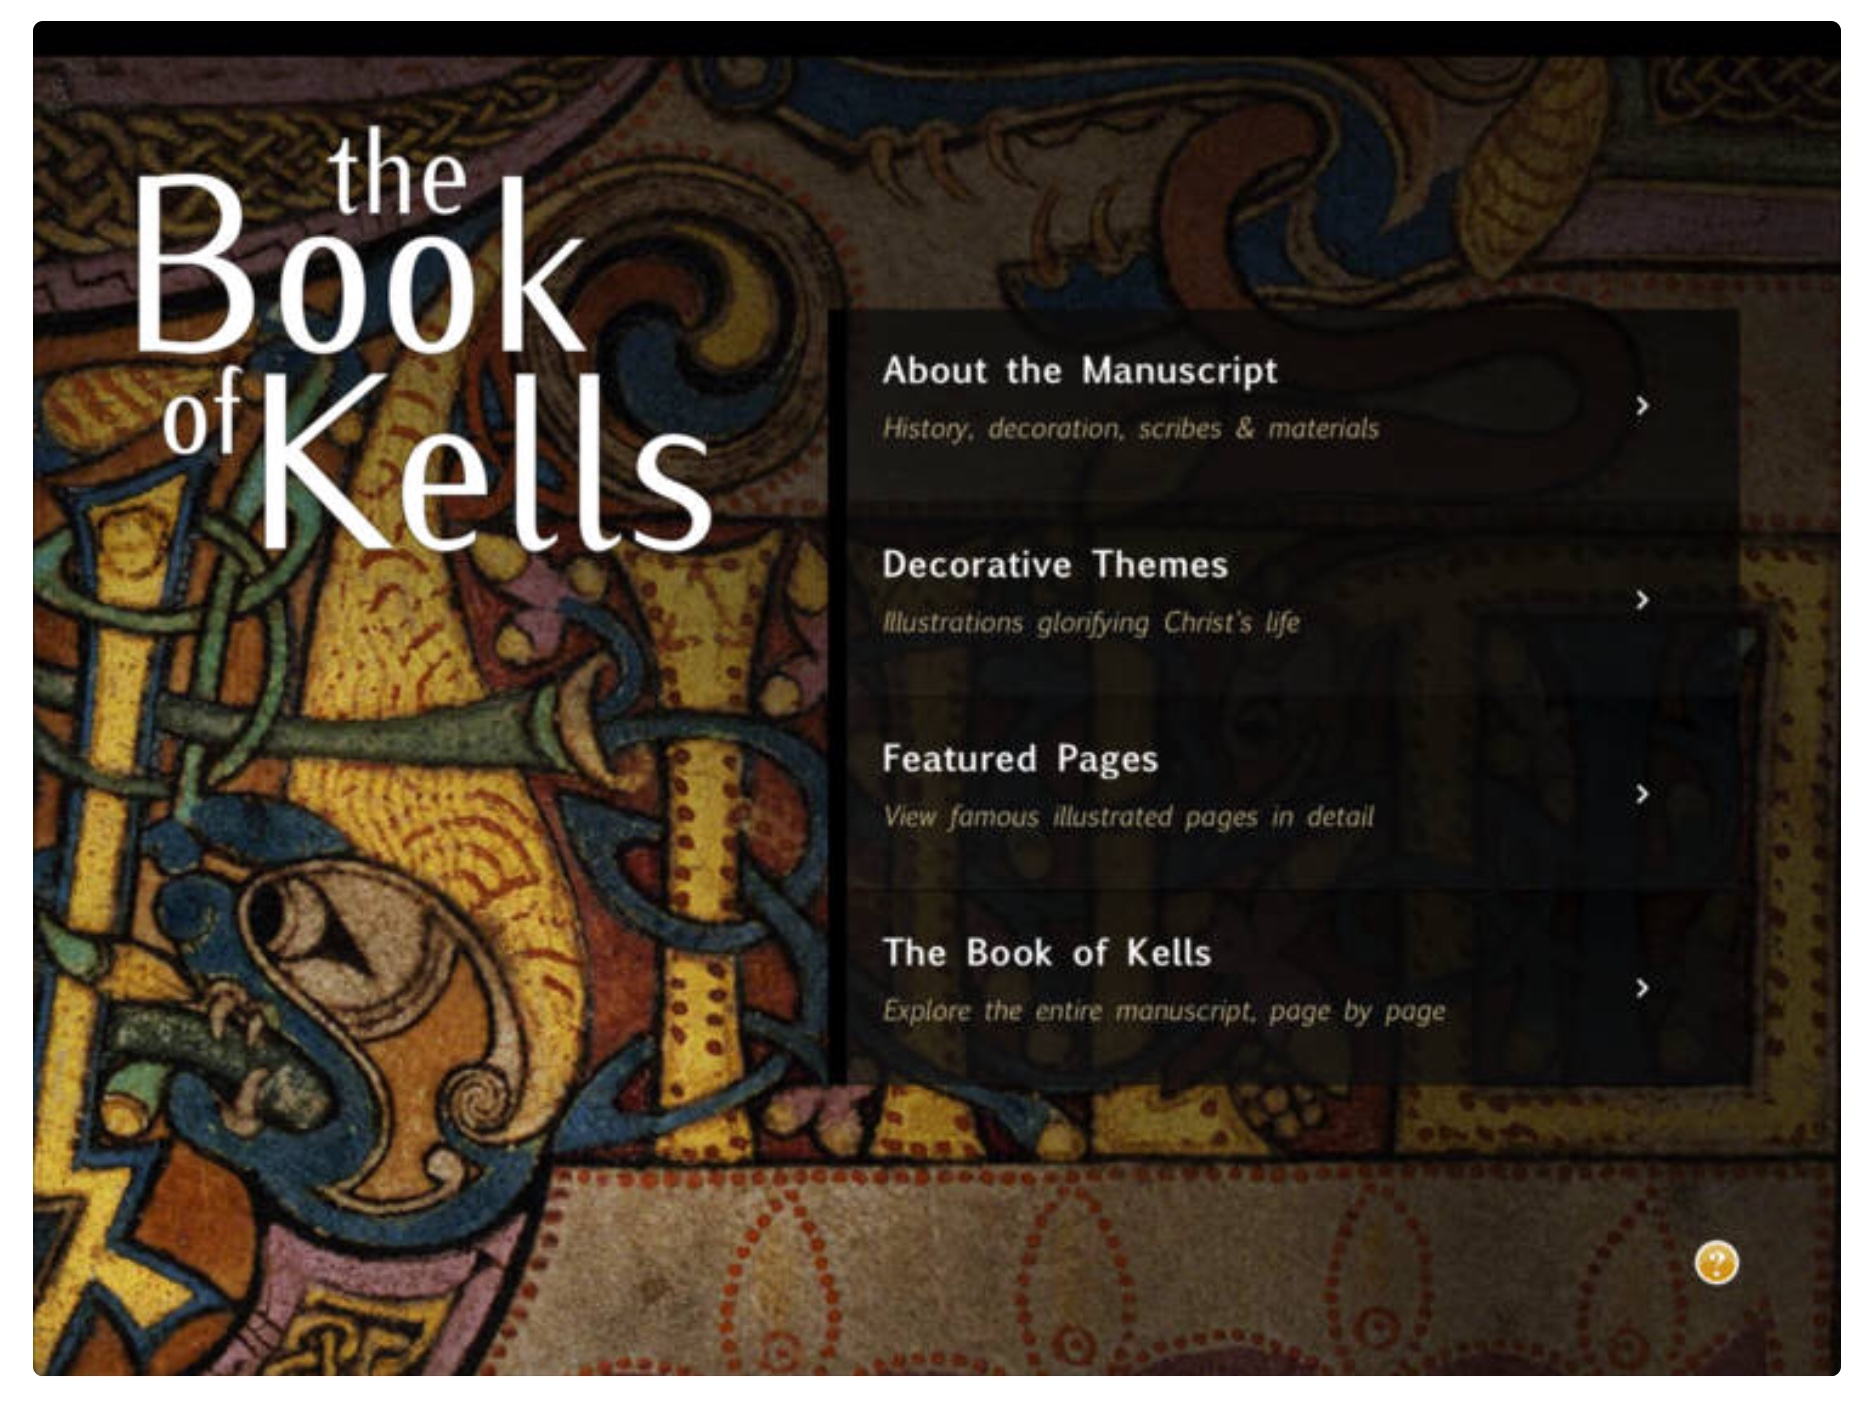 Book of Kells app.jpg